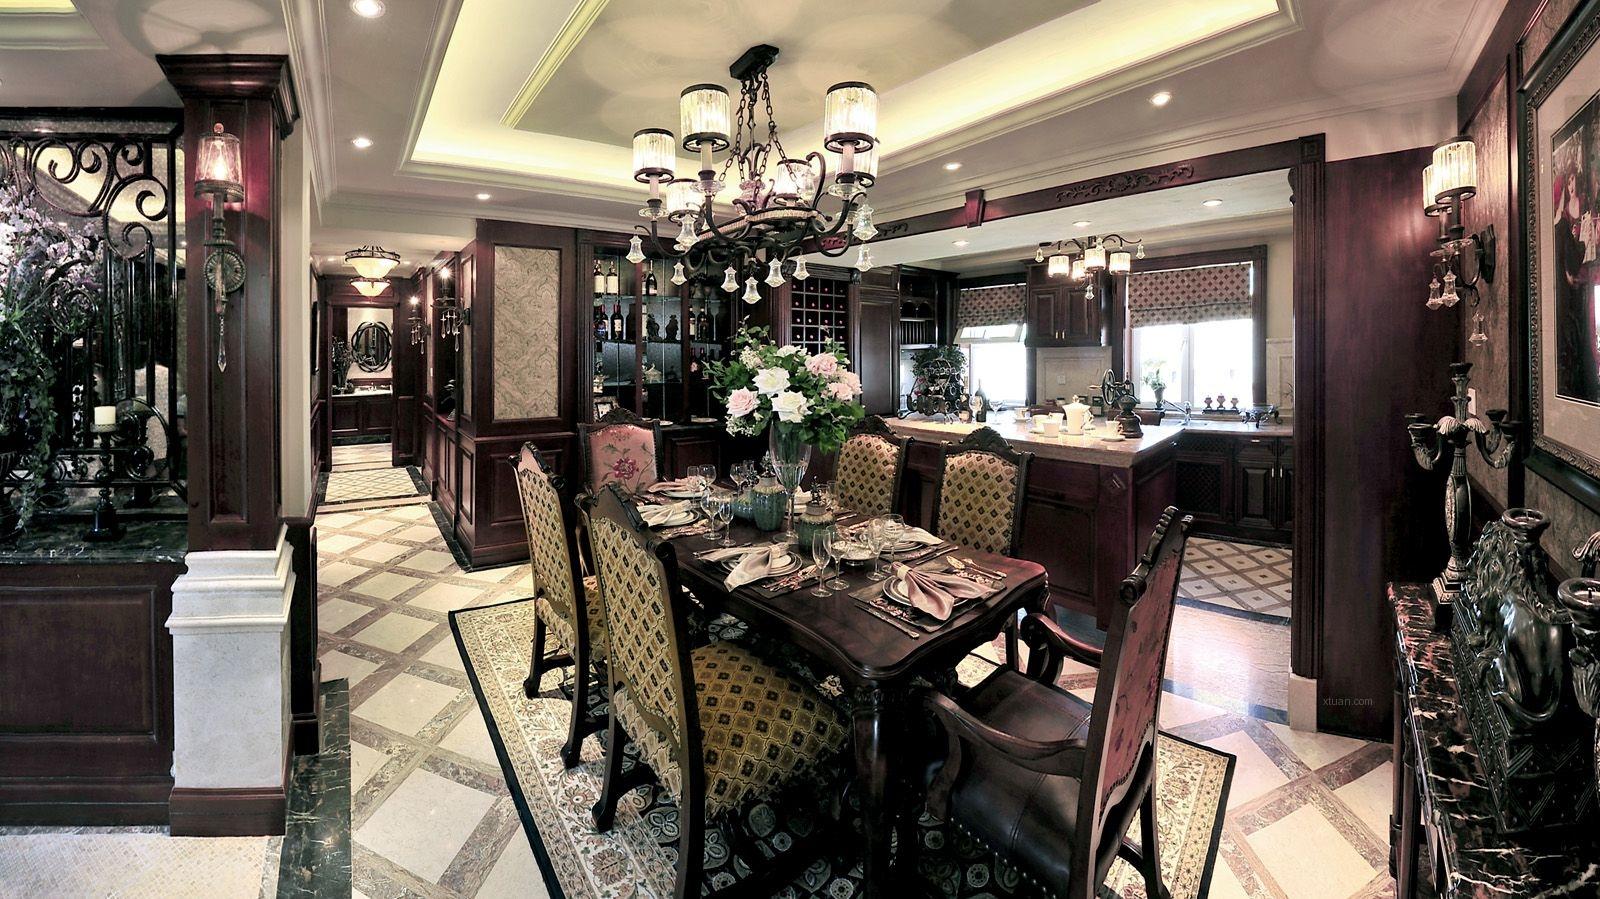 上海尚层别墅美式风格相信你会喜欢装修效果图图片